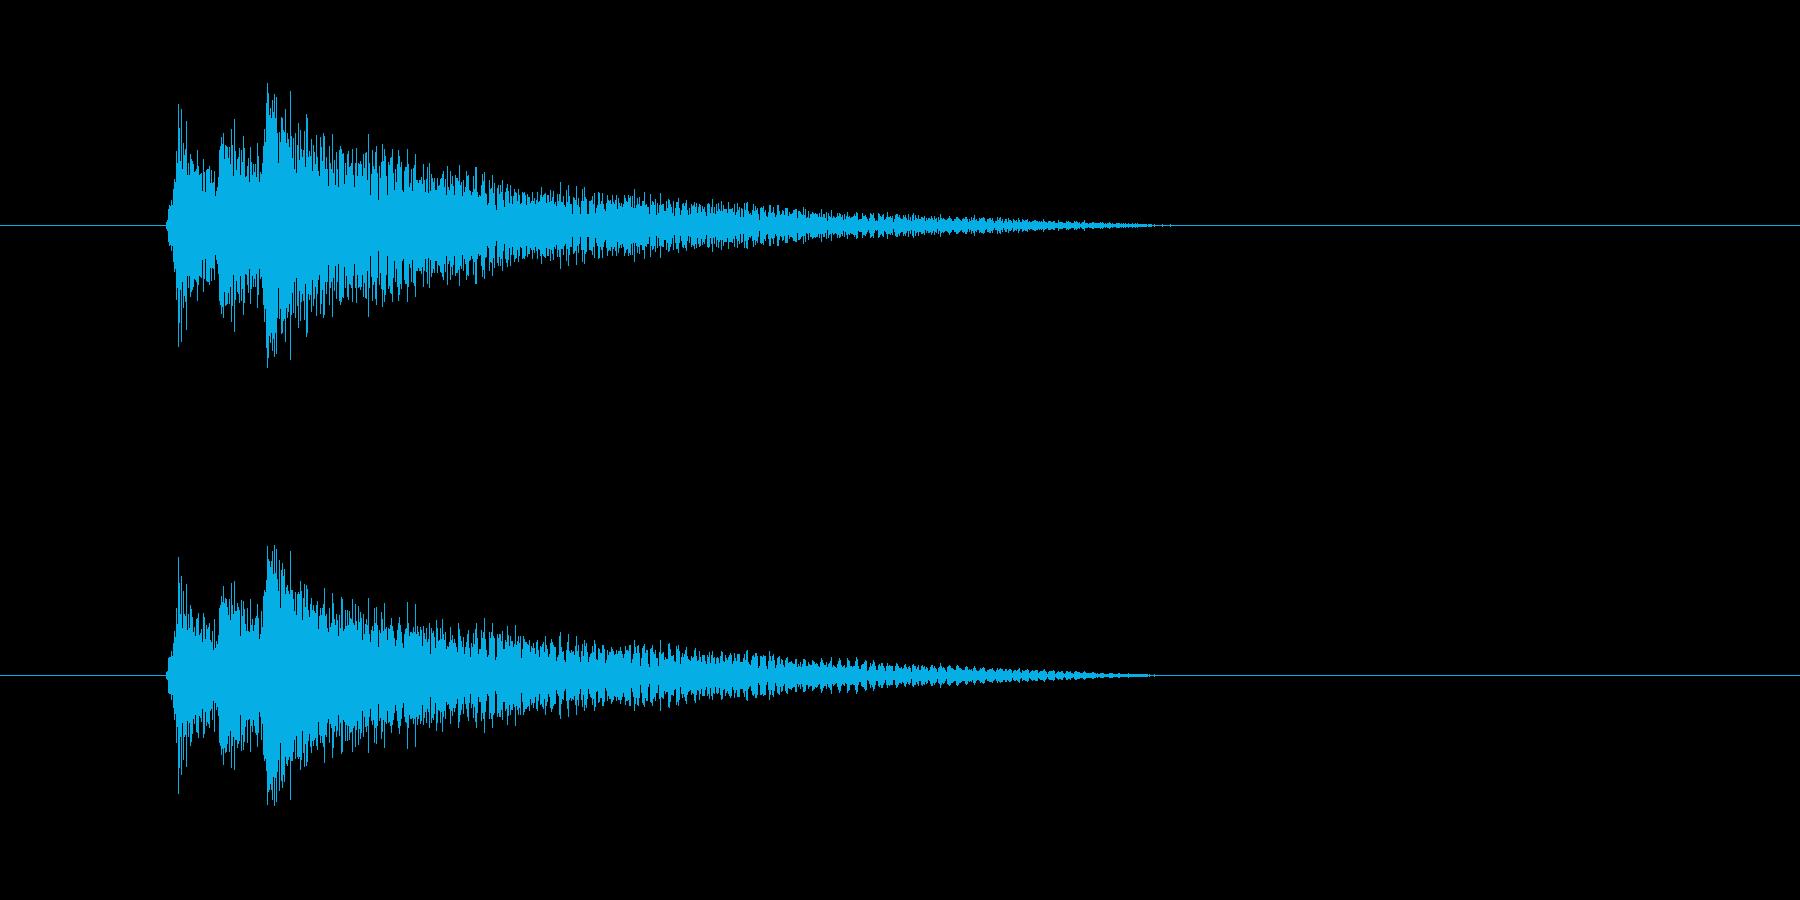 不安感なコード。心理描写のギターの再生済みの波形